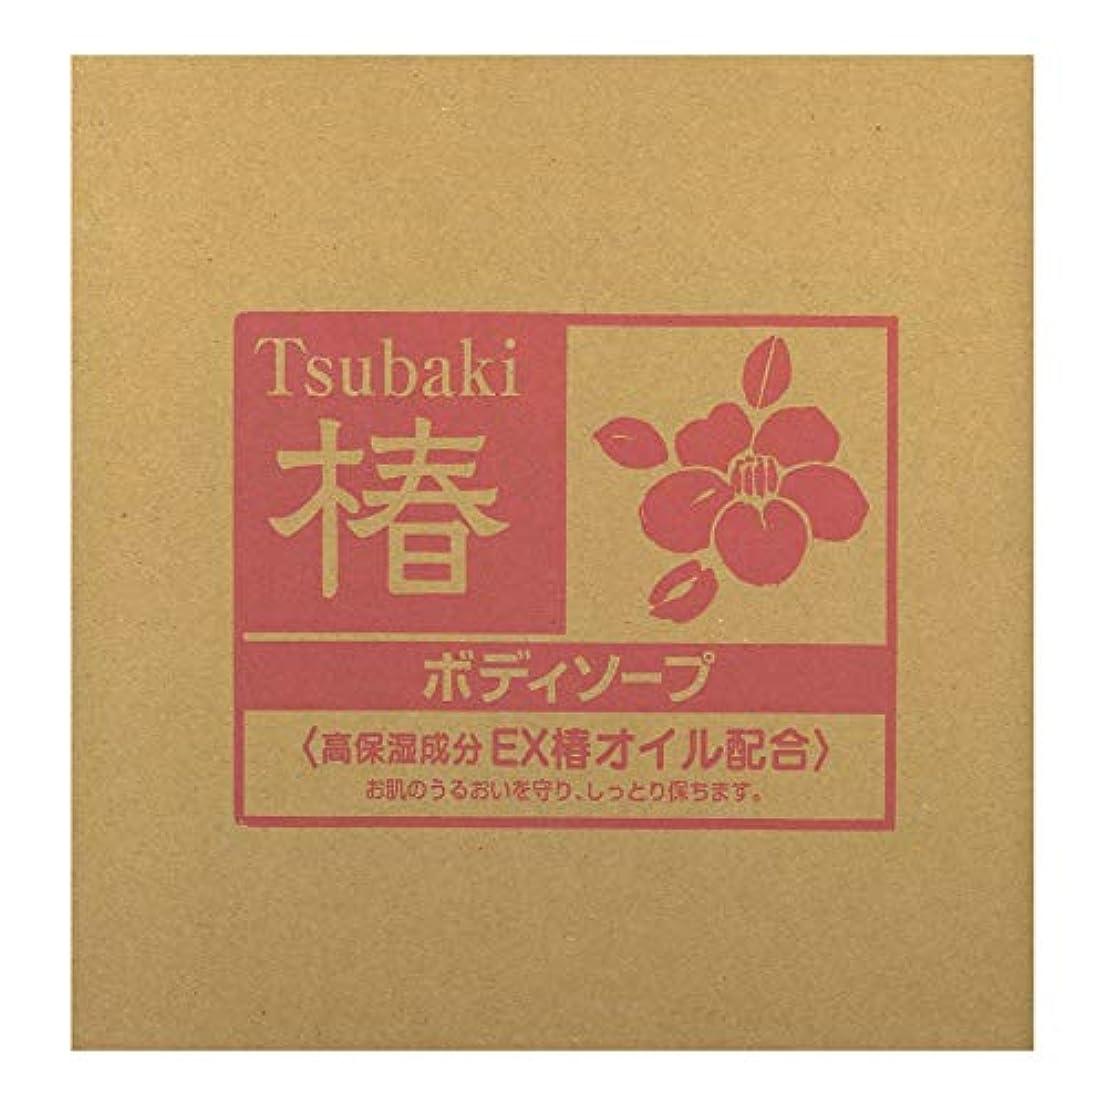 シャットマニフェスト立法熊野油脂 業務用 椿 ボディソープ 18L